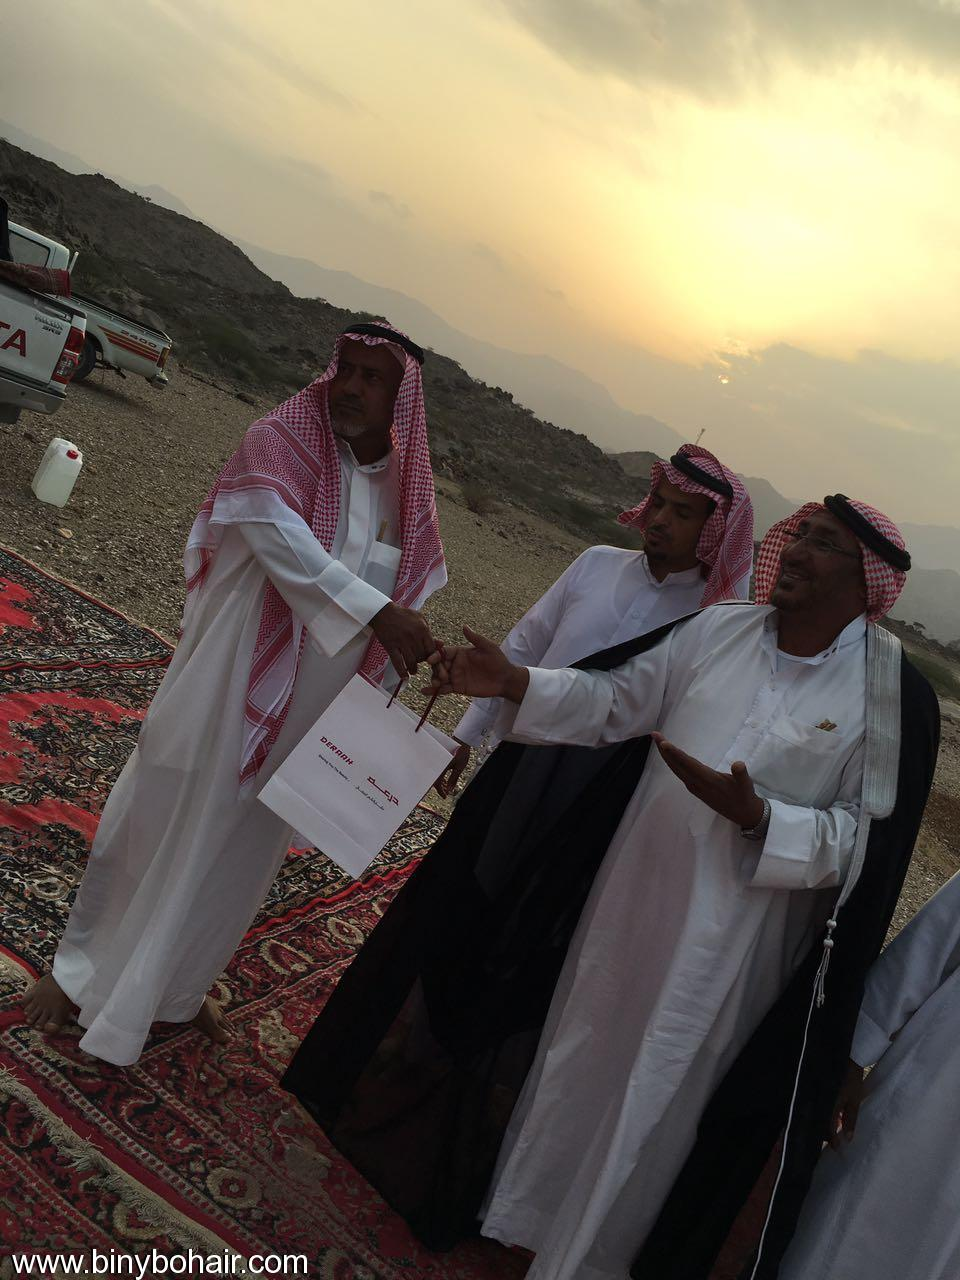 """عبدالله الحارثي وأبناؤة يكرمون الاستاذ"""" hno26067.jpg"""